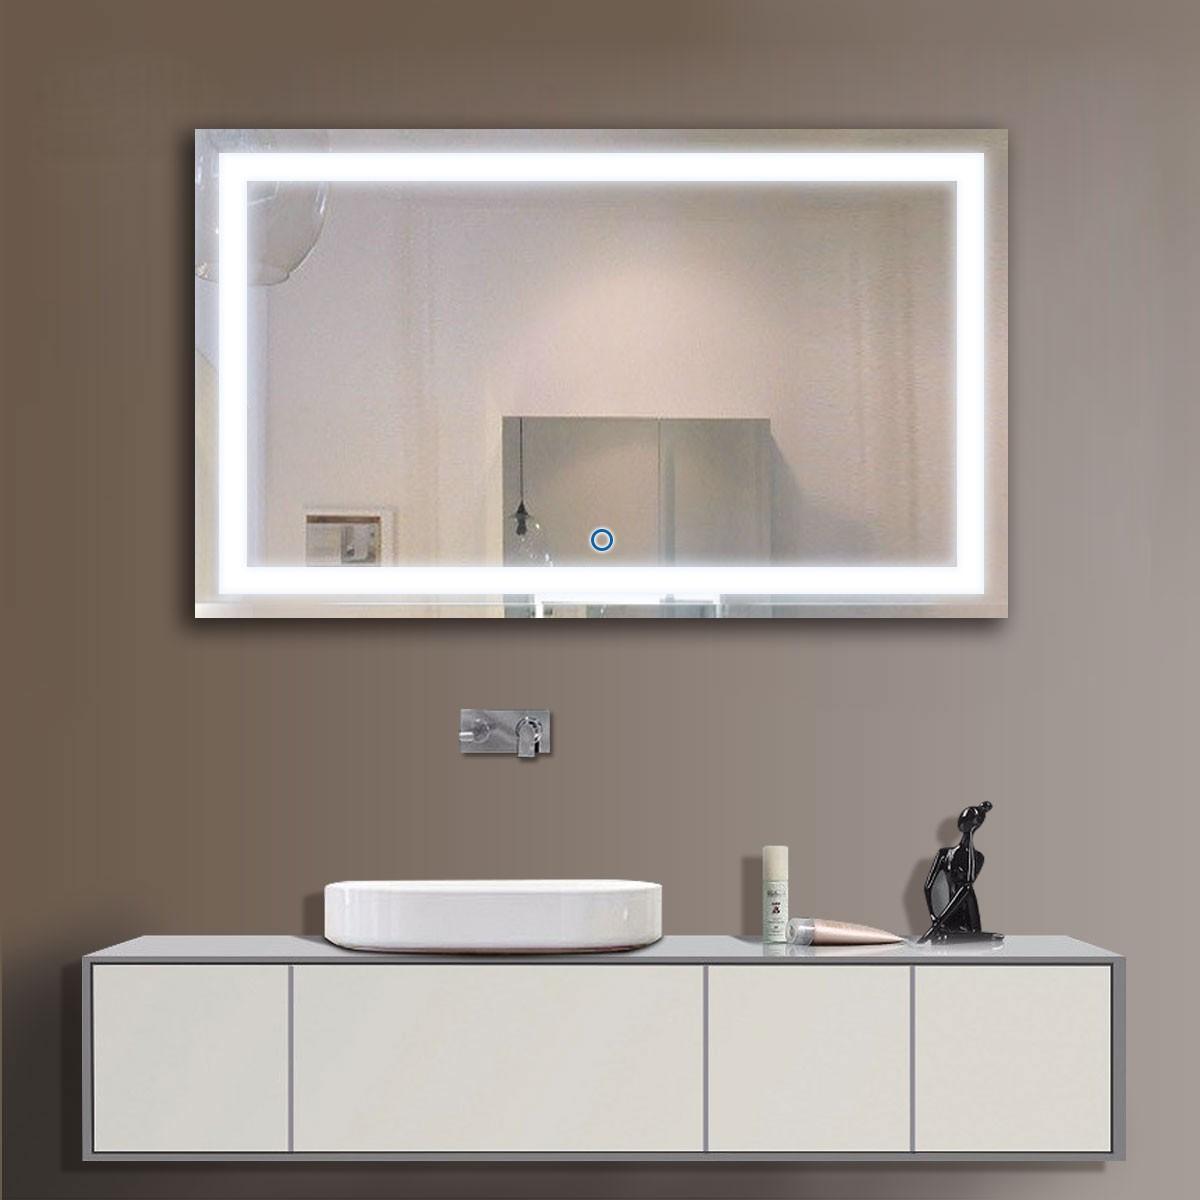 40 x 24 po Miroir LED Salle de Bain Horizontal avec l Interrupteur